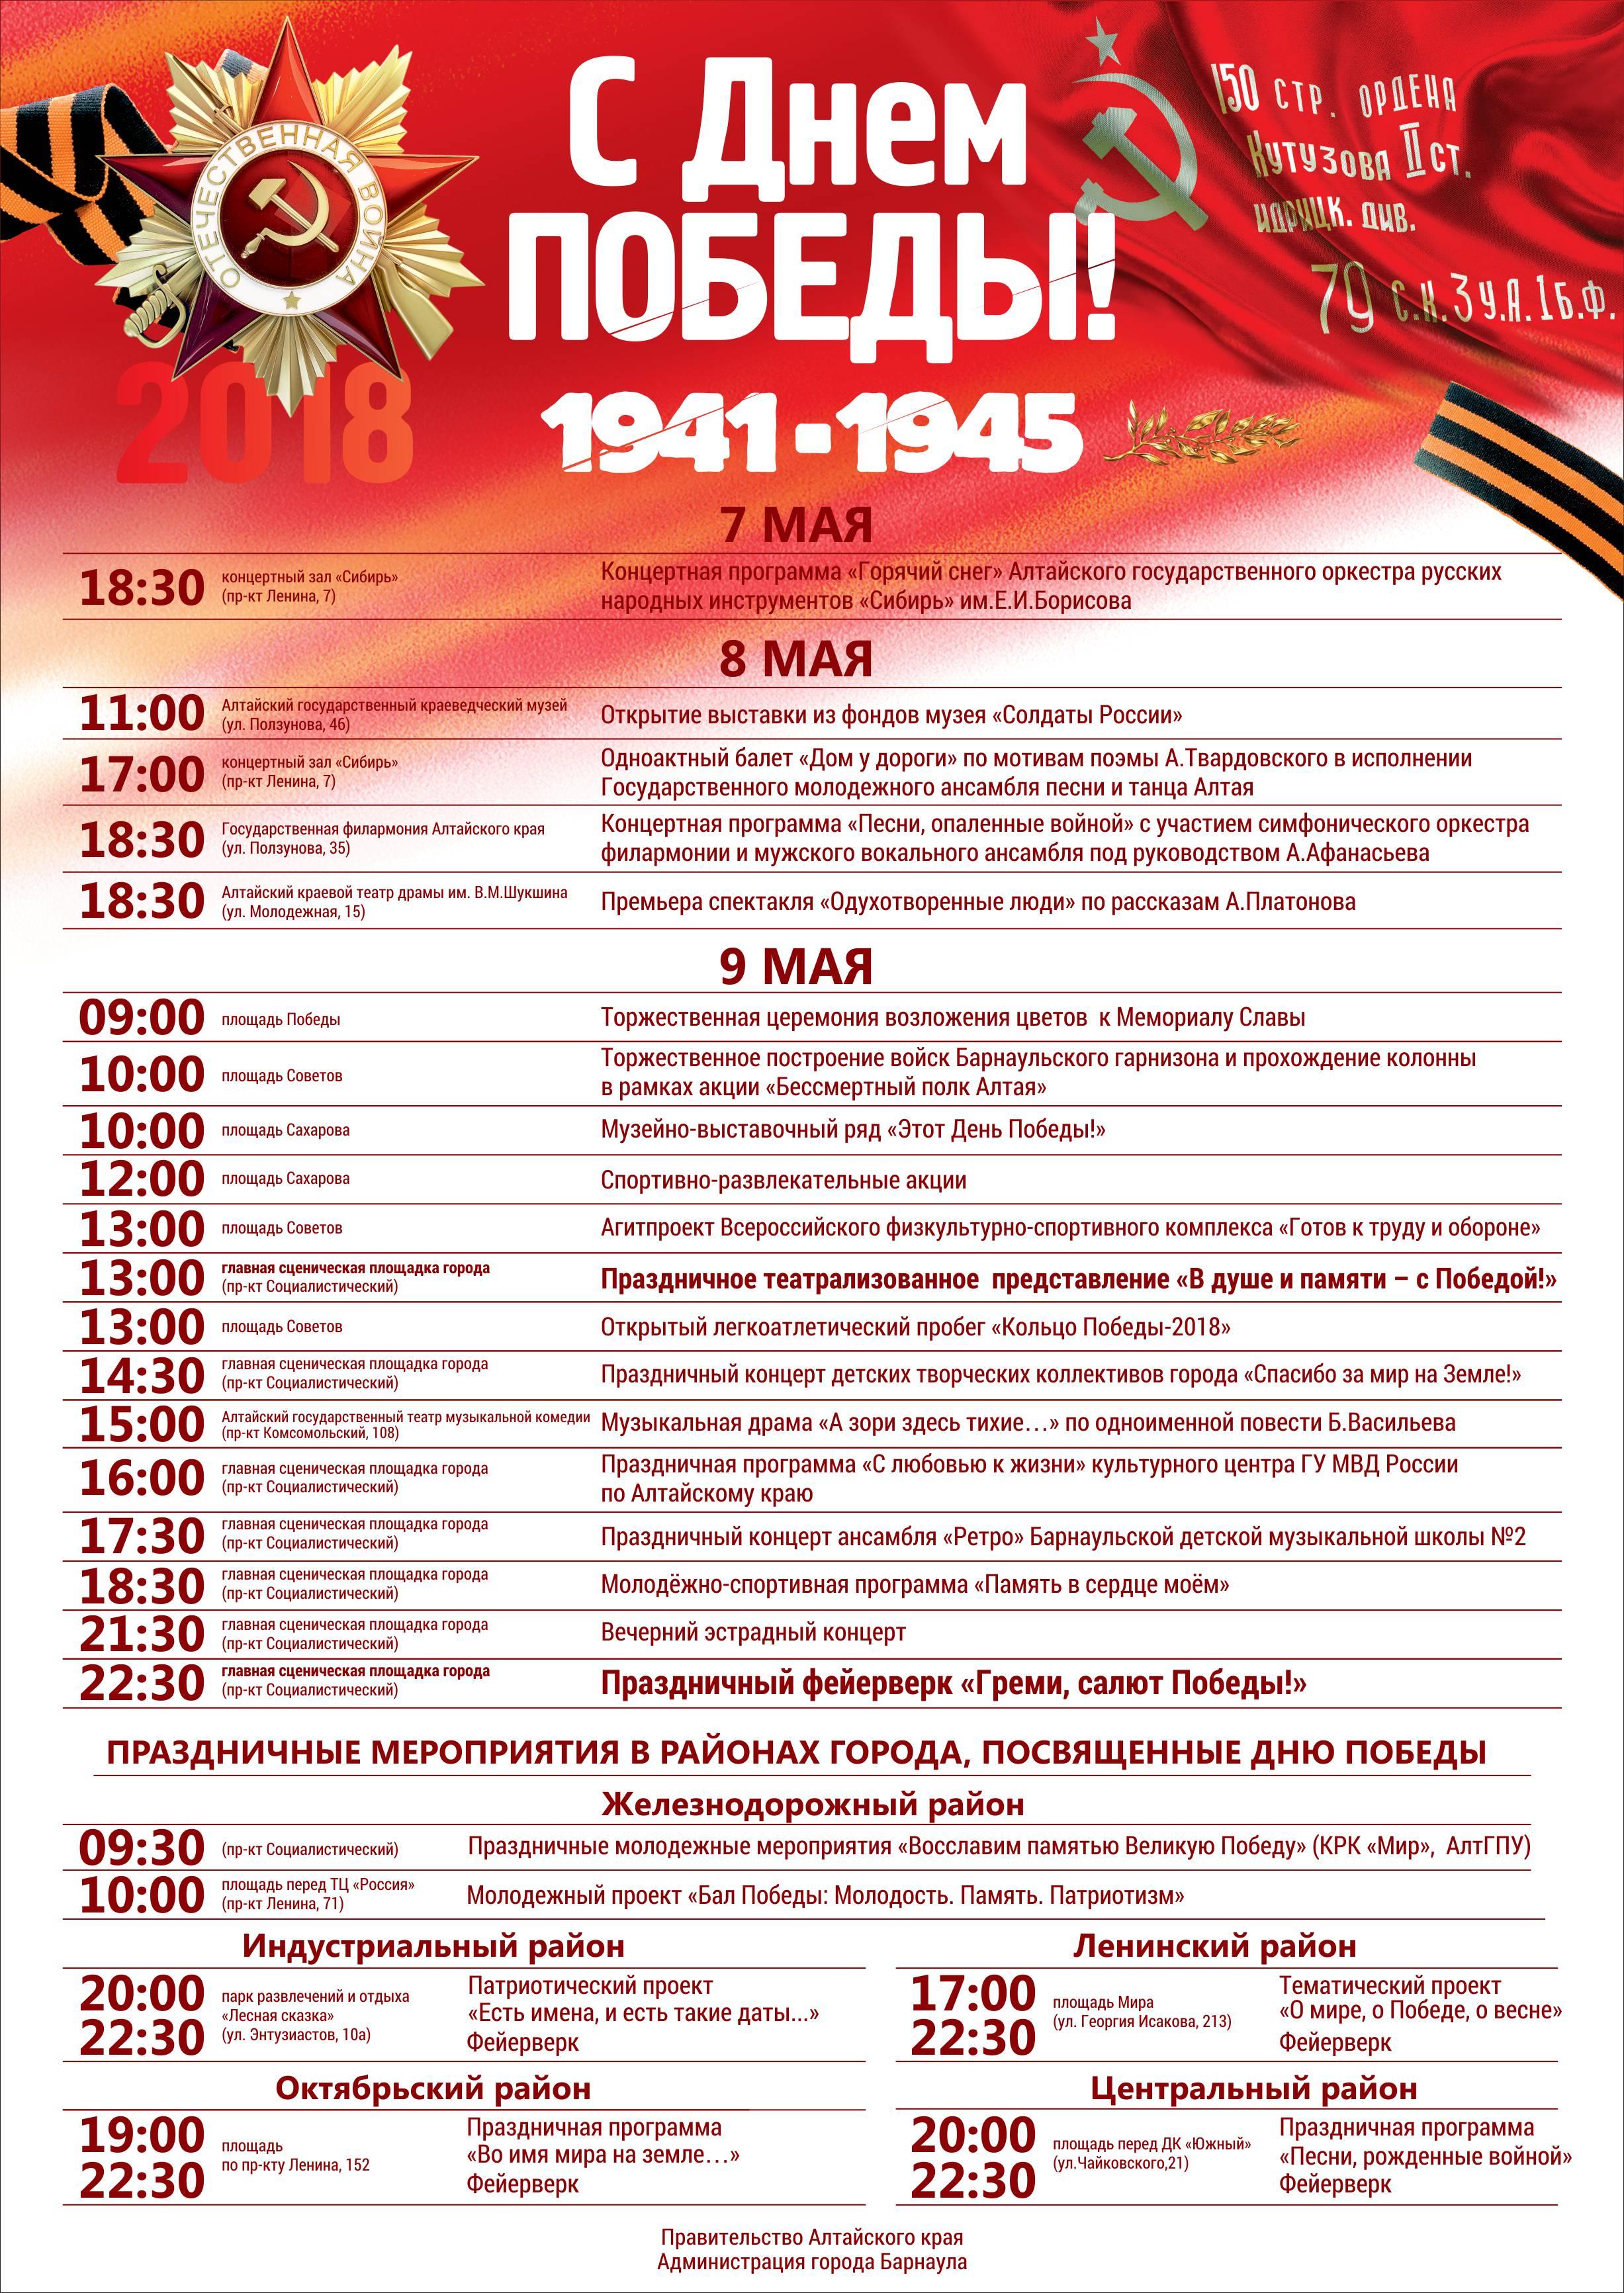 День Победы в Барнауле 9 мая 2018 года – программа мероприятий, когда салют?